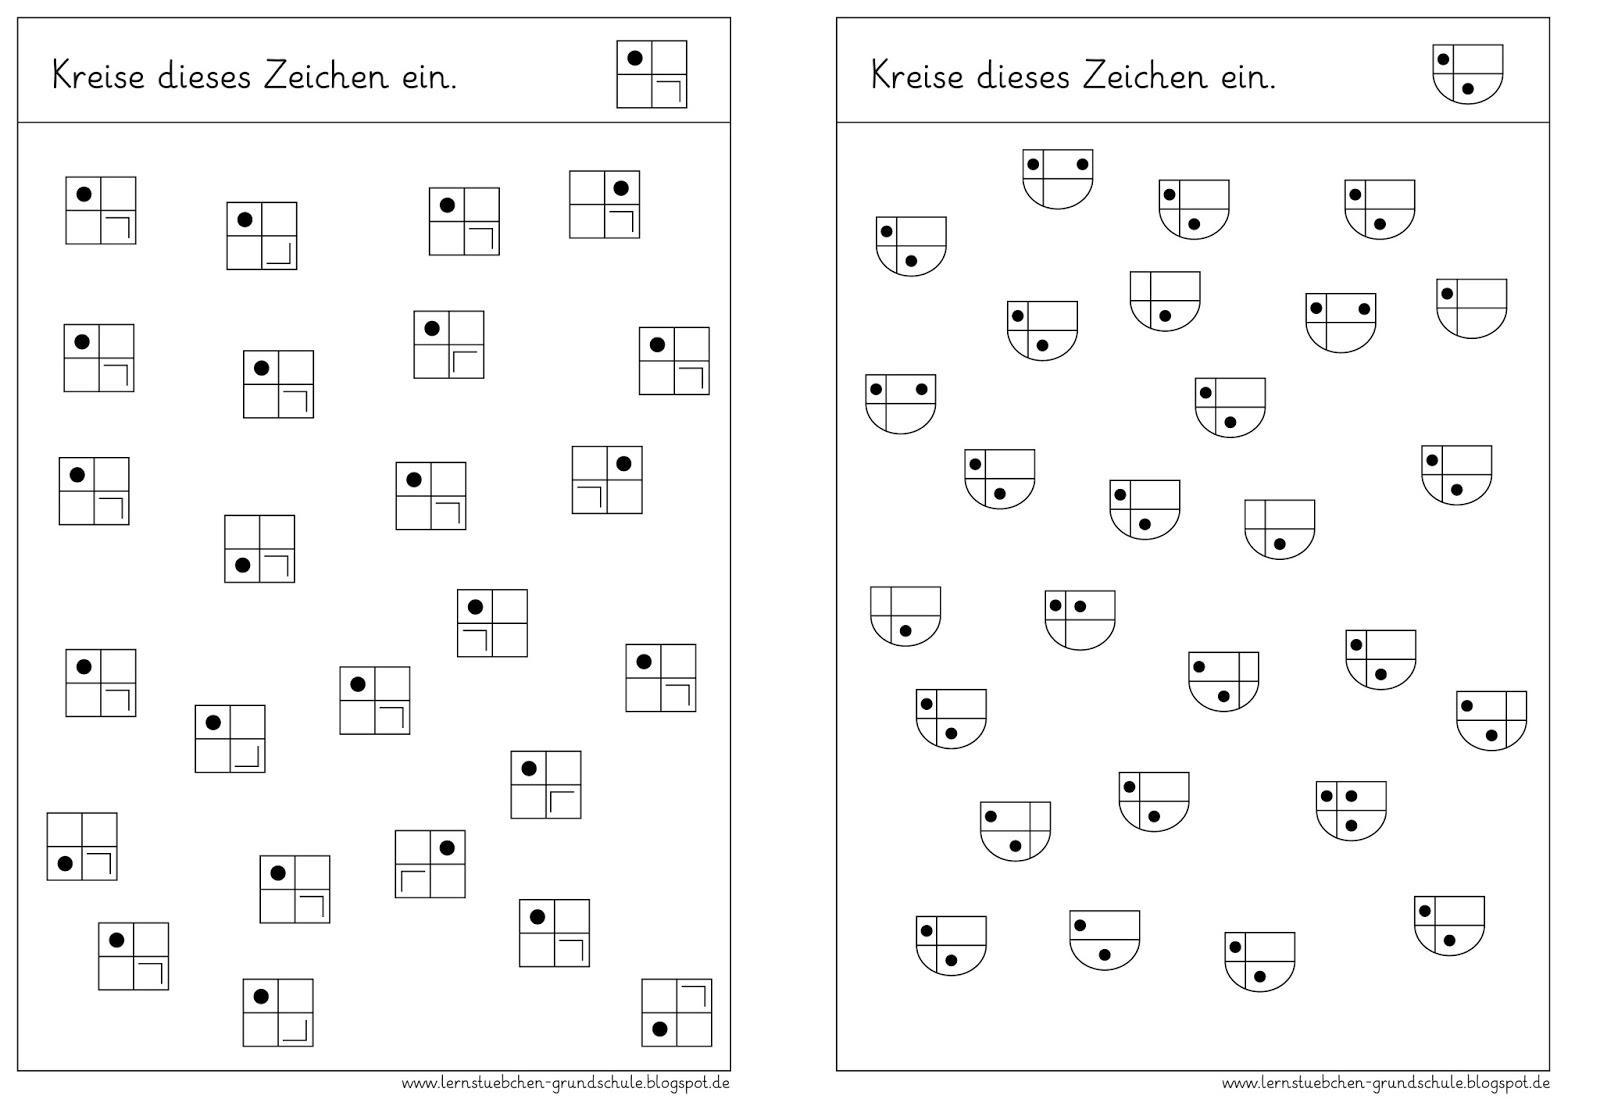 Schön Freie Visuelle Wahrnehmung Arbeitsblatt Bilder - Super Lehrer ...